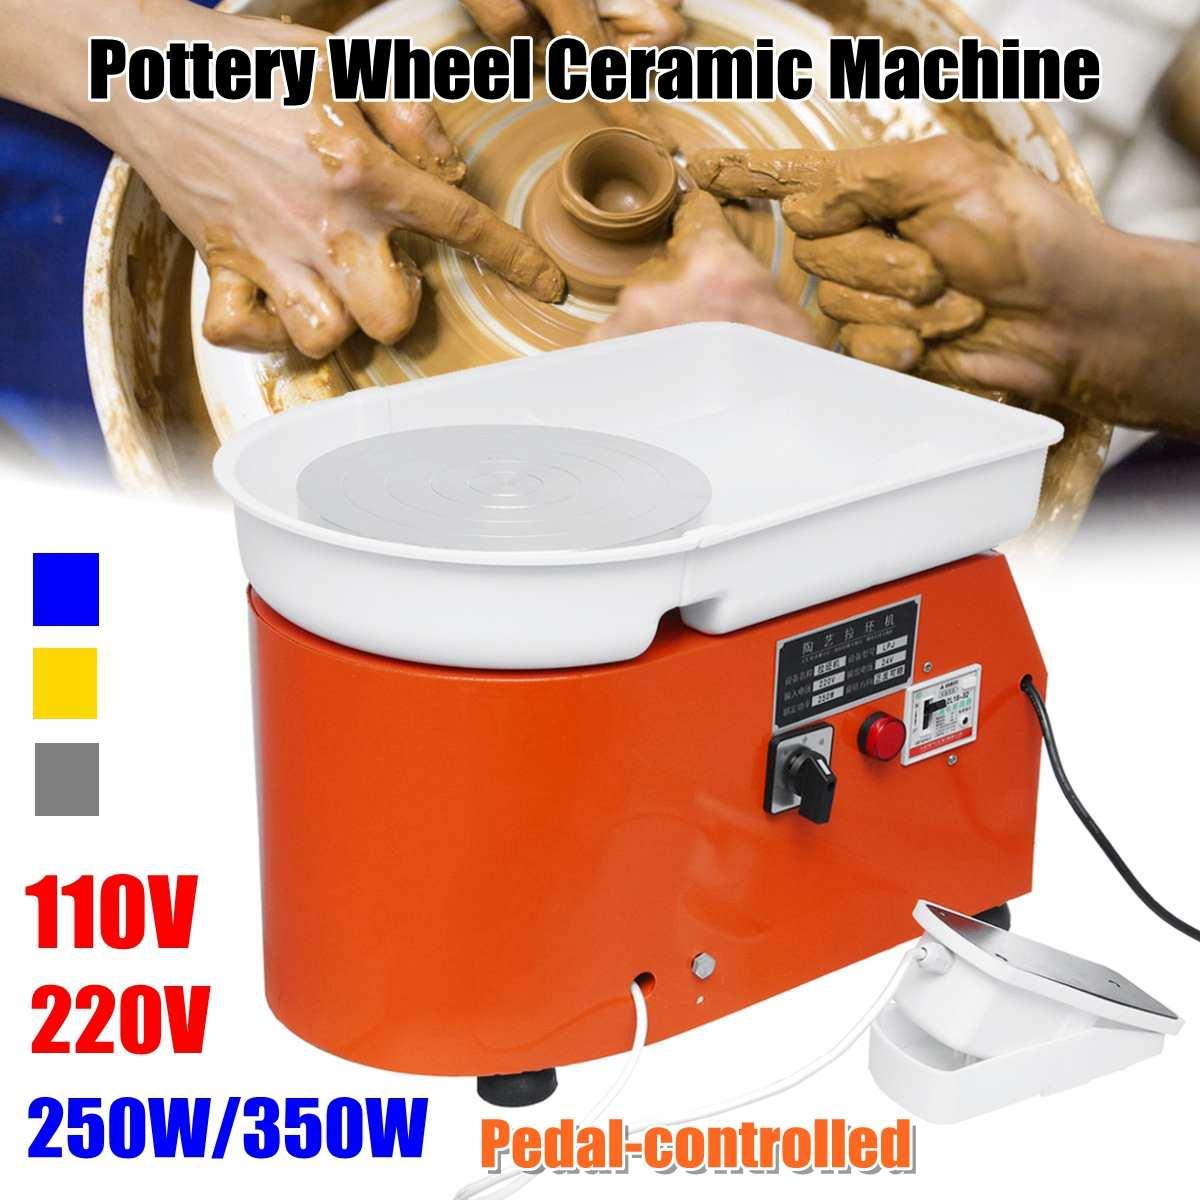 220 V/350 W Tours électriques roue poterie Machine en céramique argile potier Art pour le travail en céramique 110 V/220 V